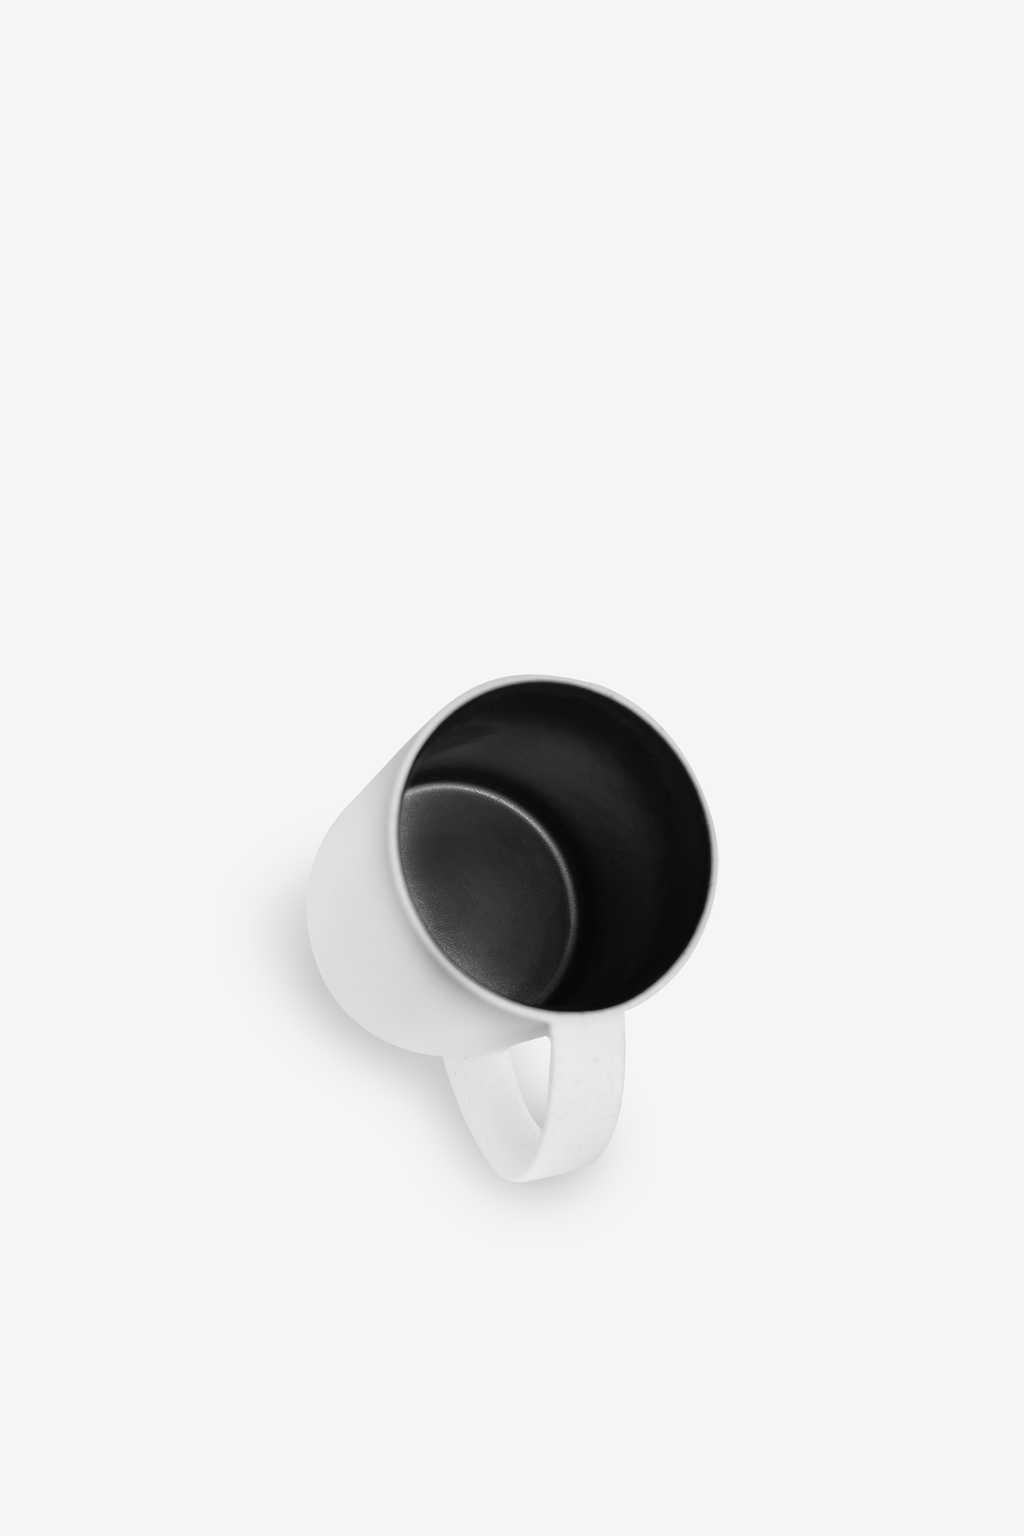 Mug 2532 Black 3